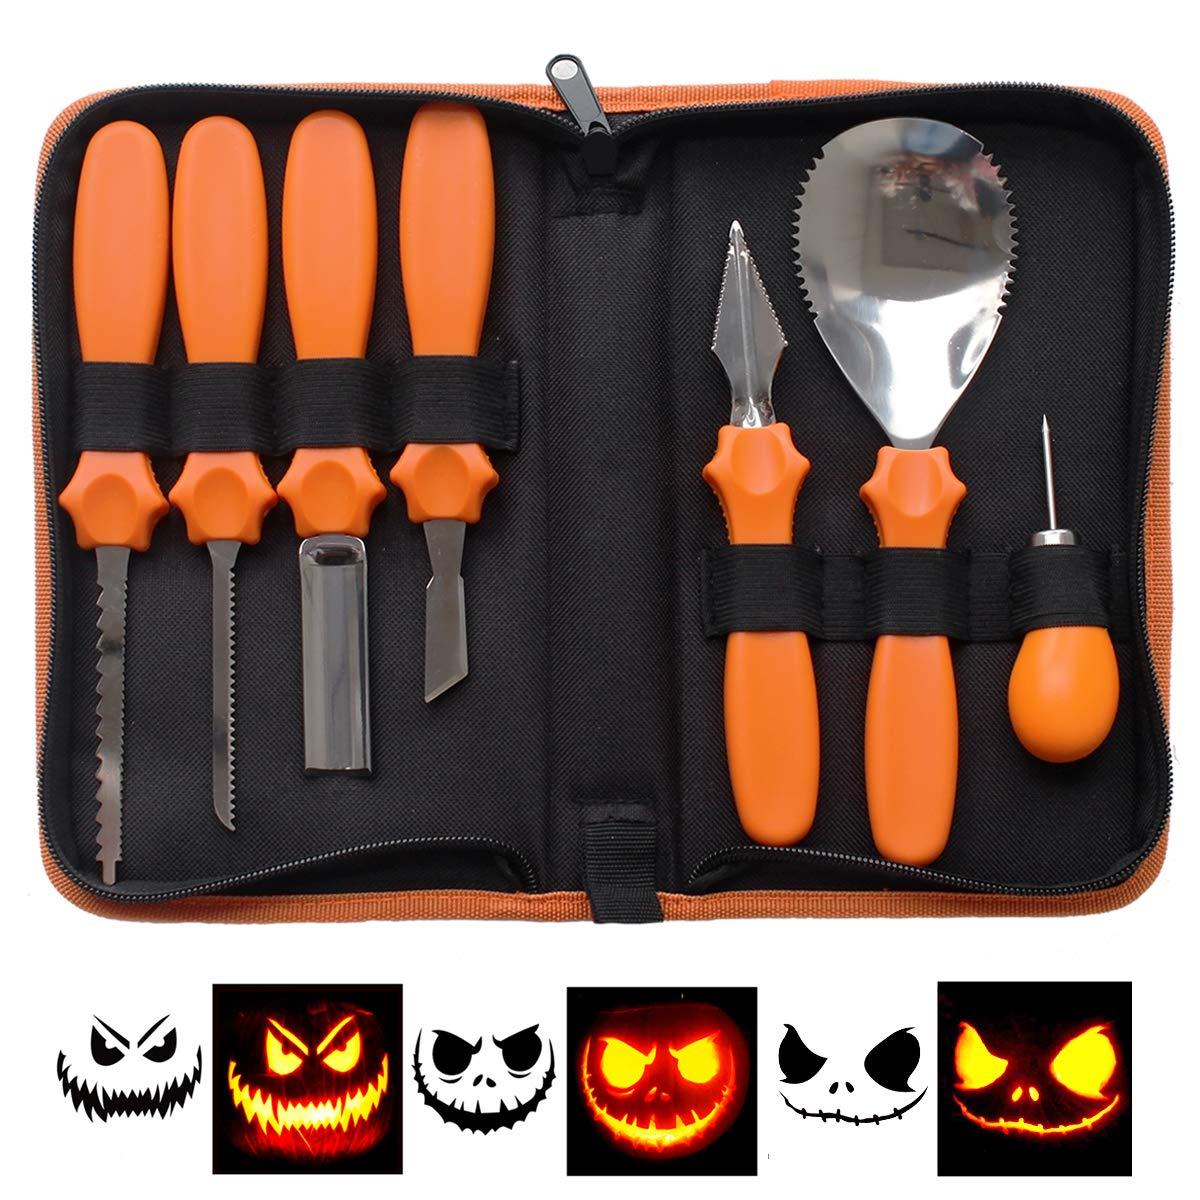 Kit profesional de herramientas de tallado de calabazas de Halloween